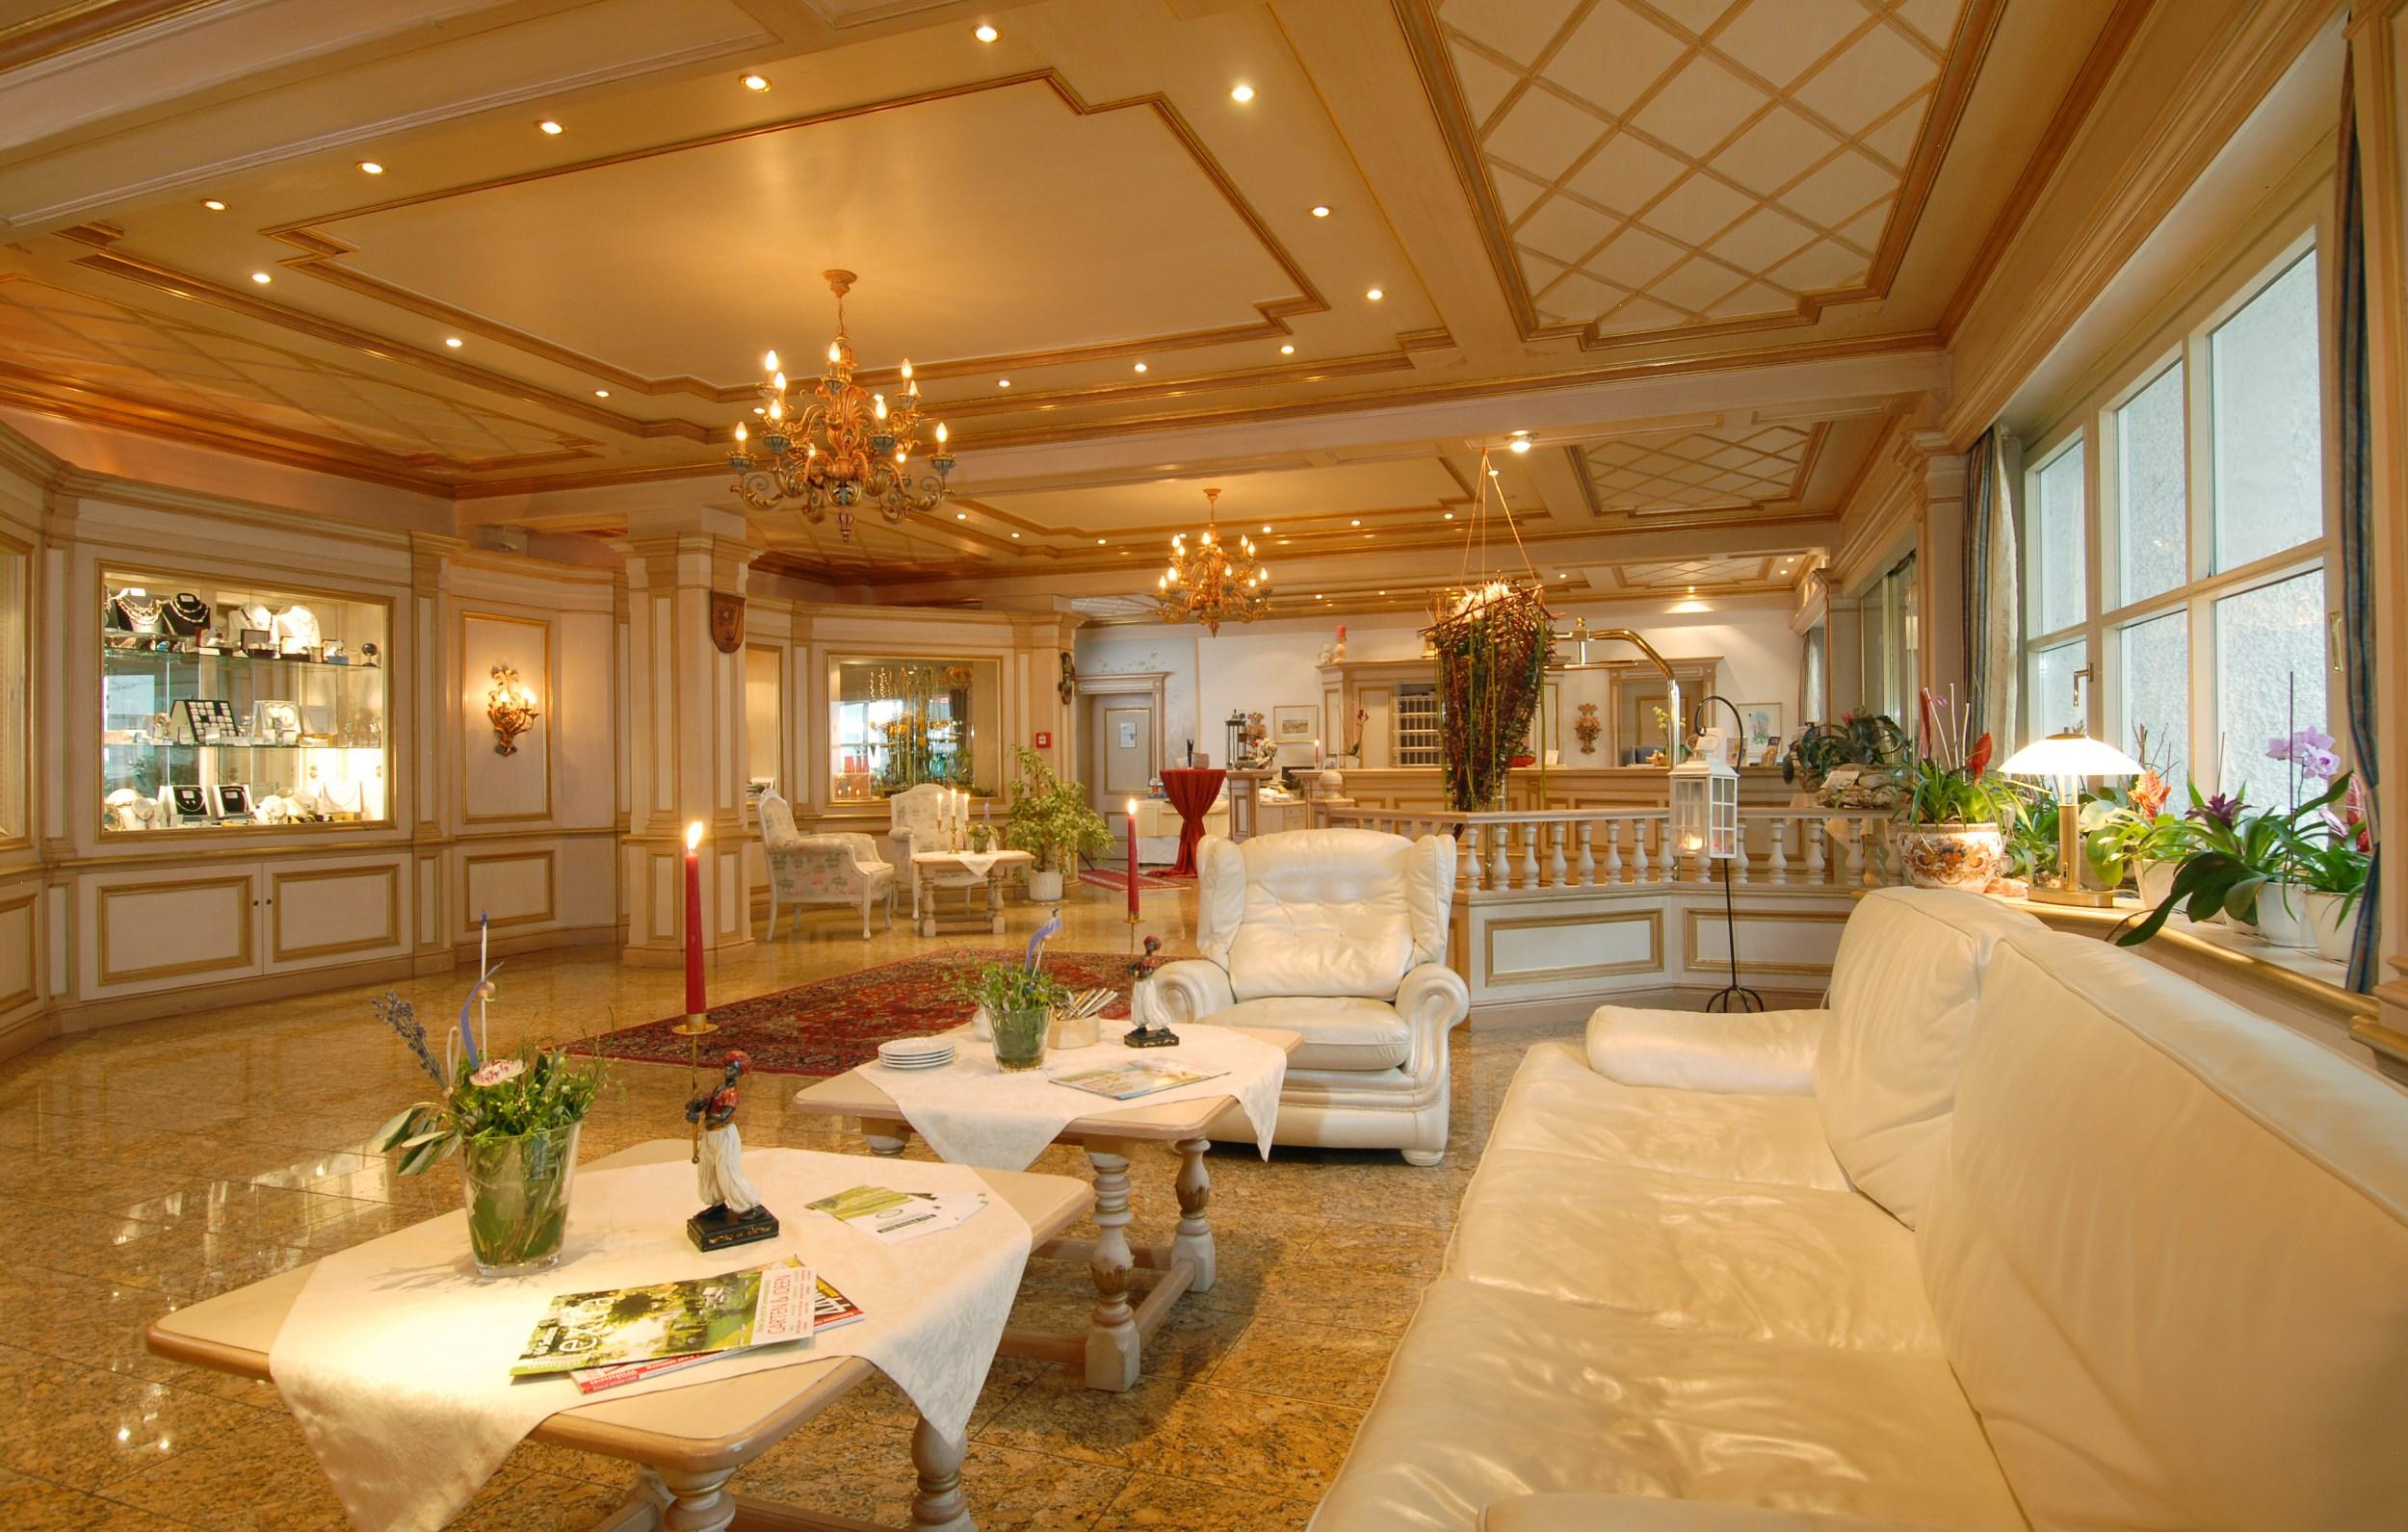 hotel rhon garden poppenhausen - Orange Hotel Decoration